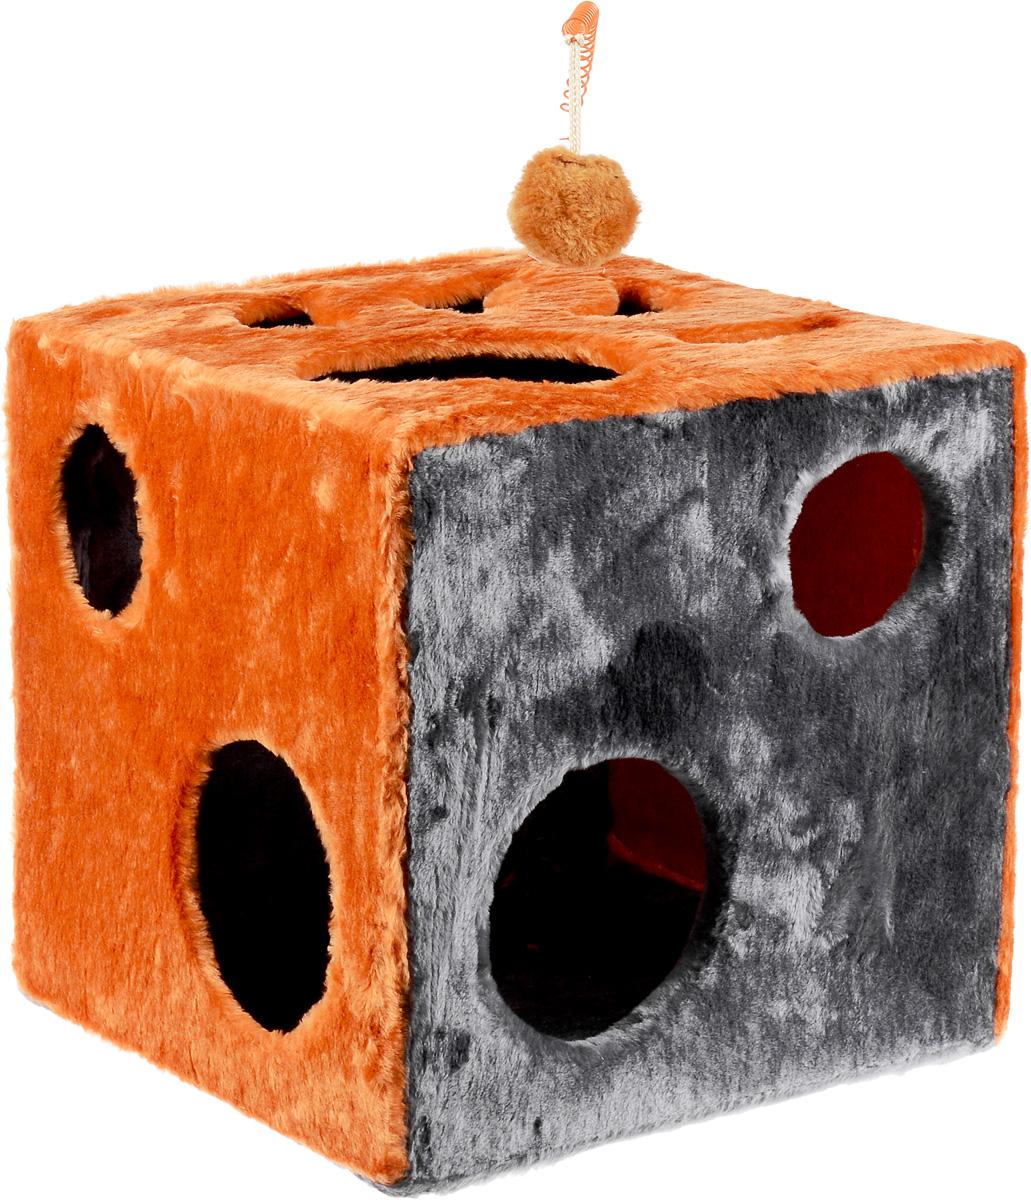 Домик для кошек ЗооМарк Кубик с лапкой, с игрушкой, цвет: оранжевый, серый, 42 х 42 х 42 см0120710Домик ЗооМарк Кубик с лапкой непременно станет любимым местом отдыха вашего домашнего животного. Он изготовлен из высококачественного дерева и обтянут искусственным мехом. Домик оформлен крупными отверстиями в виде лапы животного и кружков. Оригинальный домик для животных - отличное место, чтобы спрятаться. Также там можно хранить свои охотничьи трофеи. Сверху расположена игрушка на пружине.